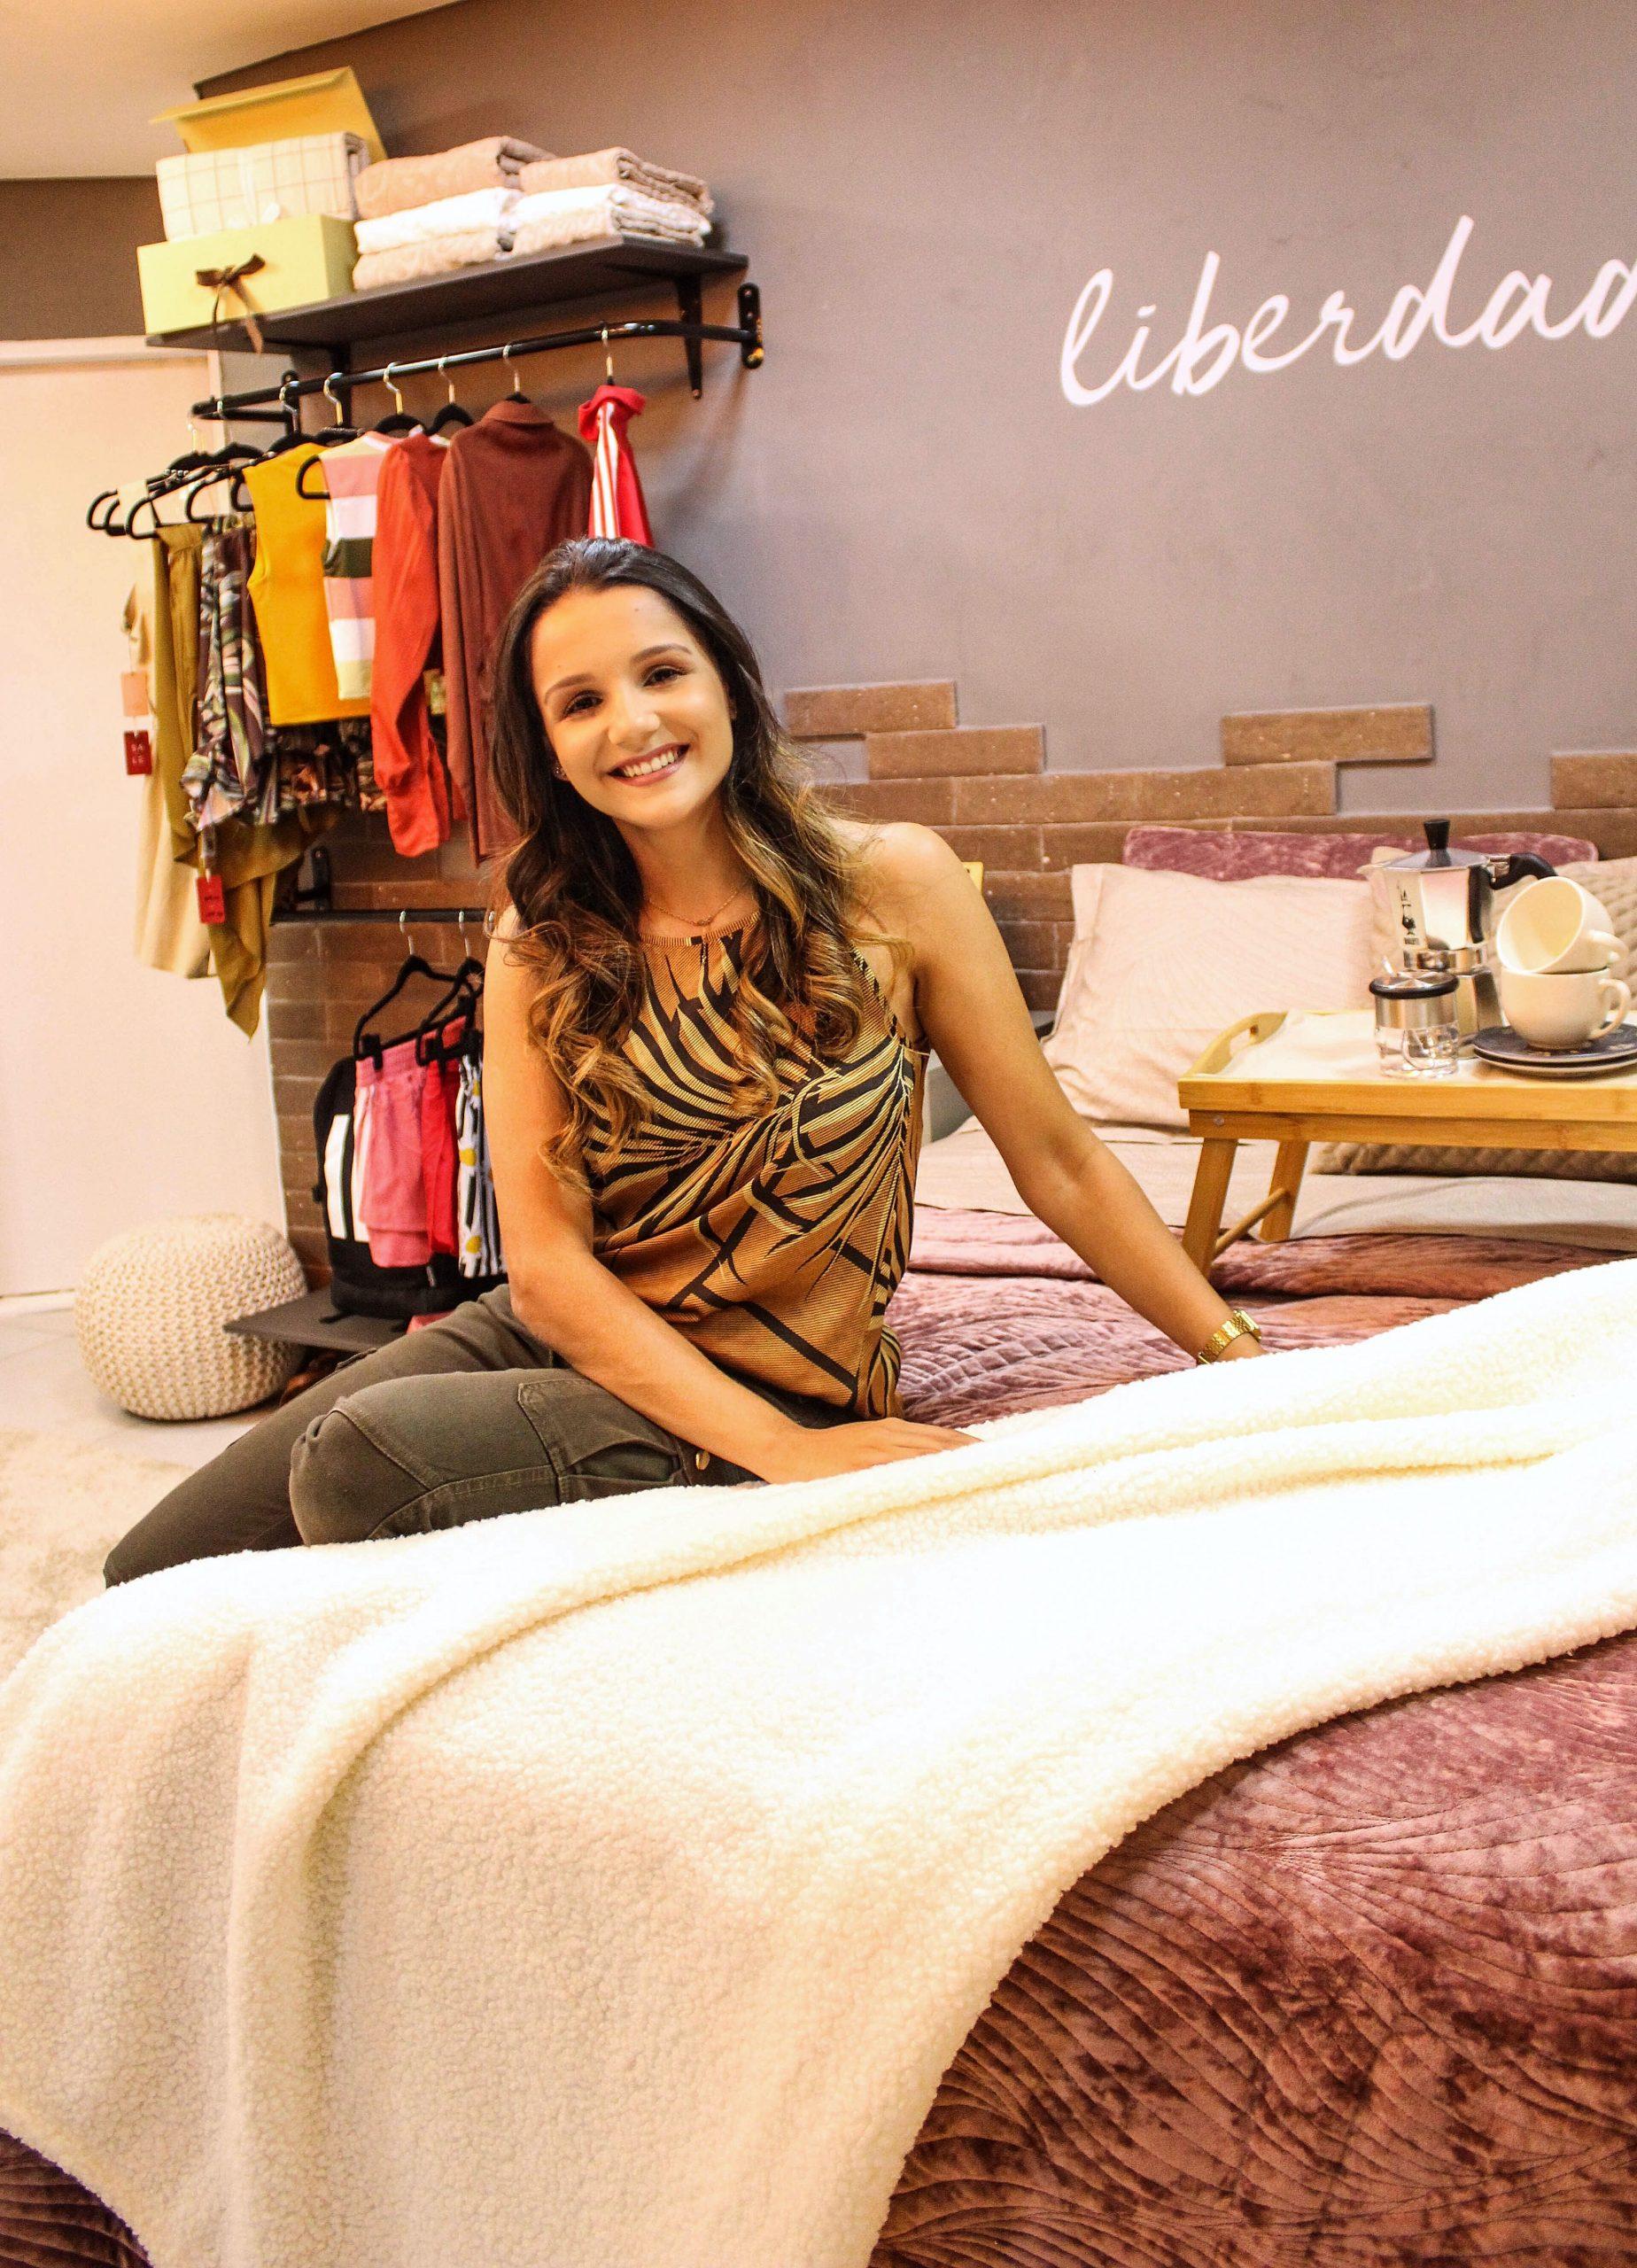 QG da Aline em parceria com a Karla.